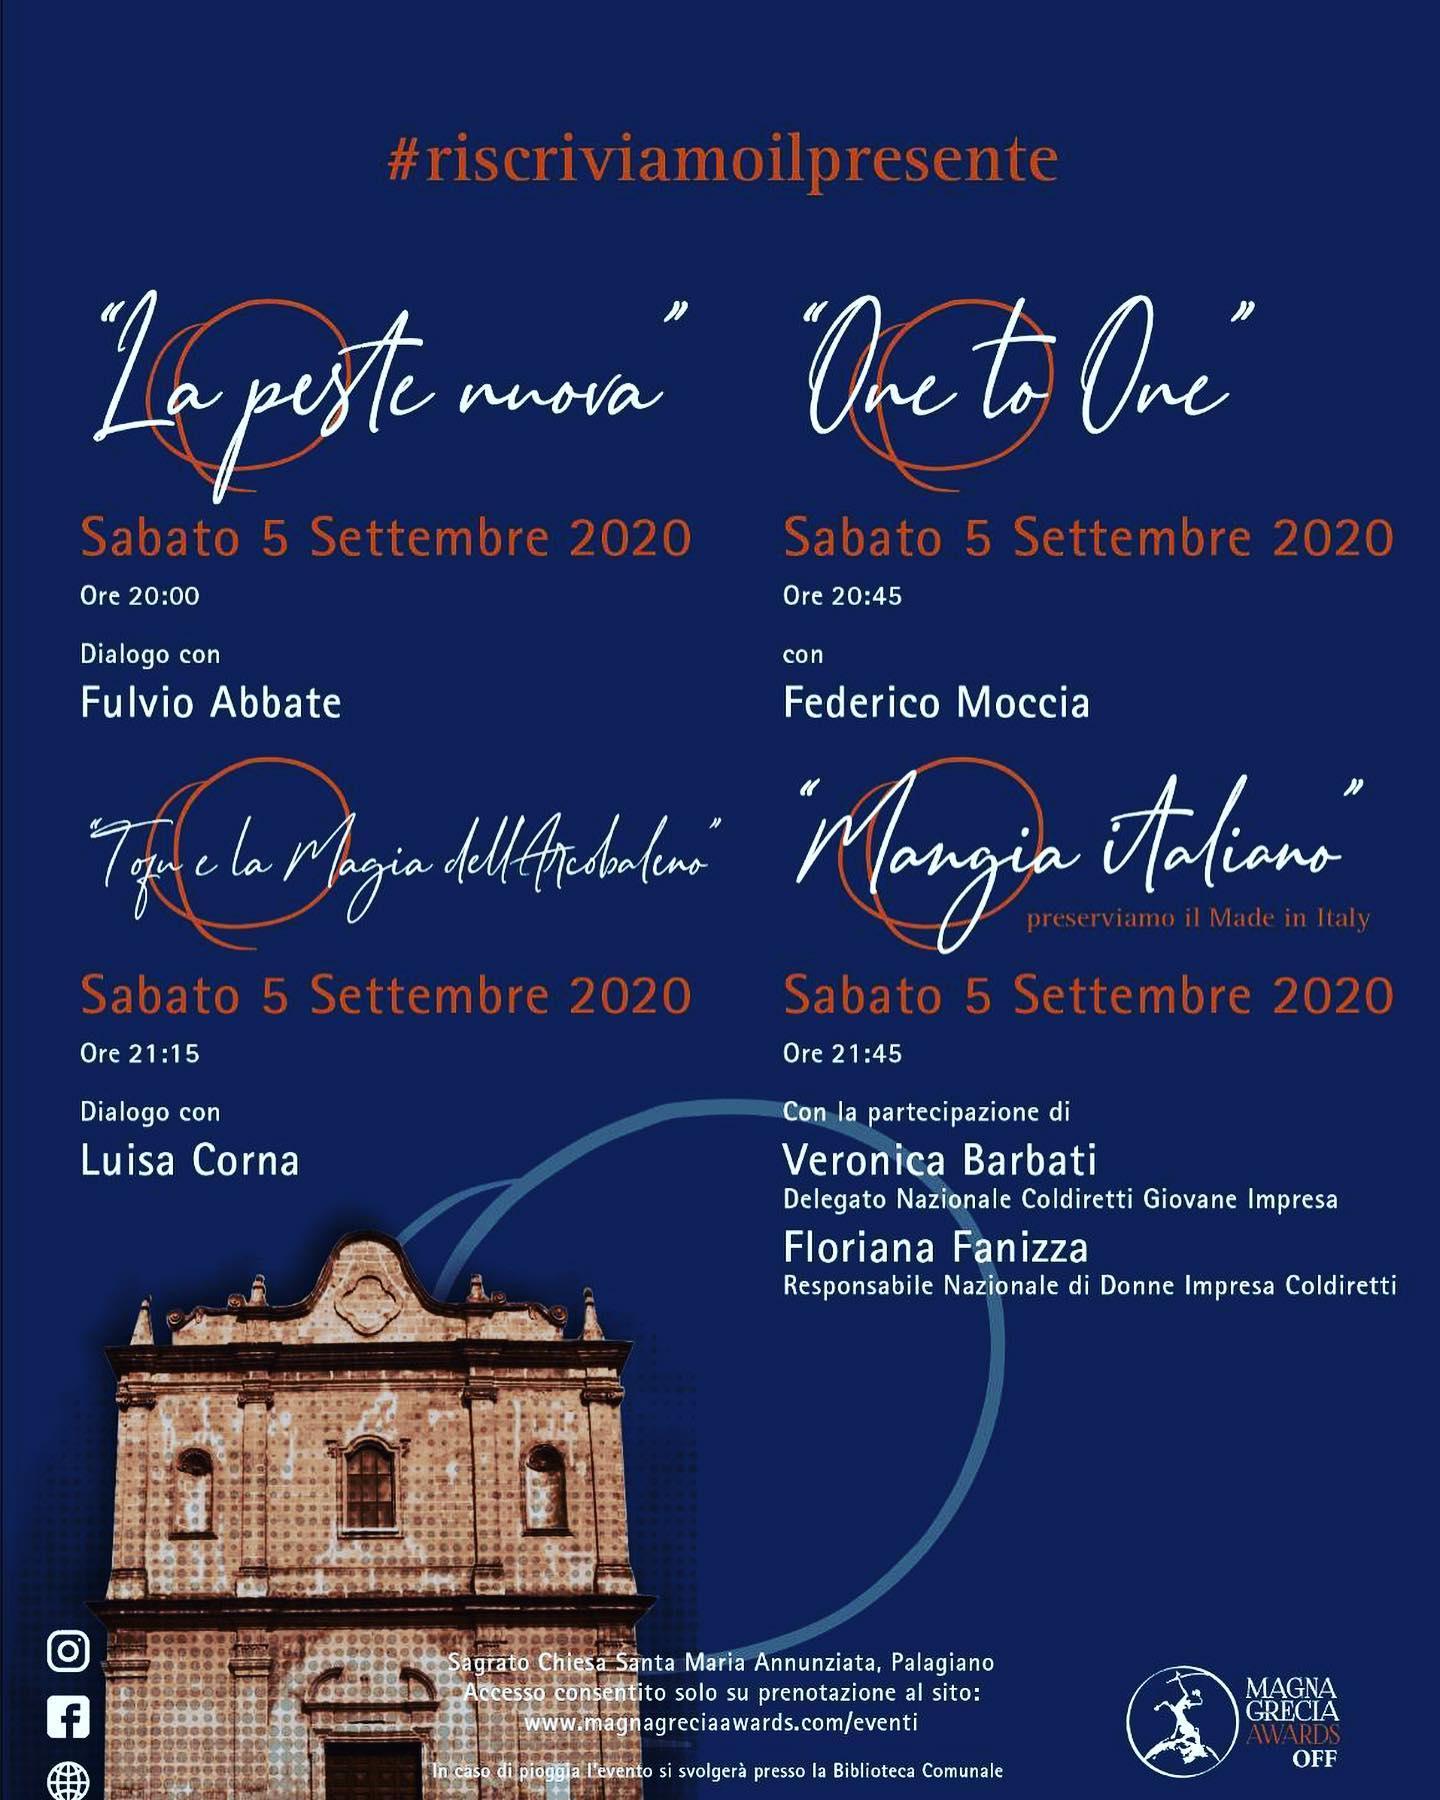 5 SETTEMBRE 2020 PREMIO MAGNA GRECIA AWARDS (PALAGIANO-PUGLIA)